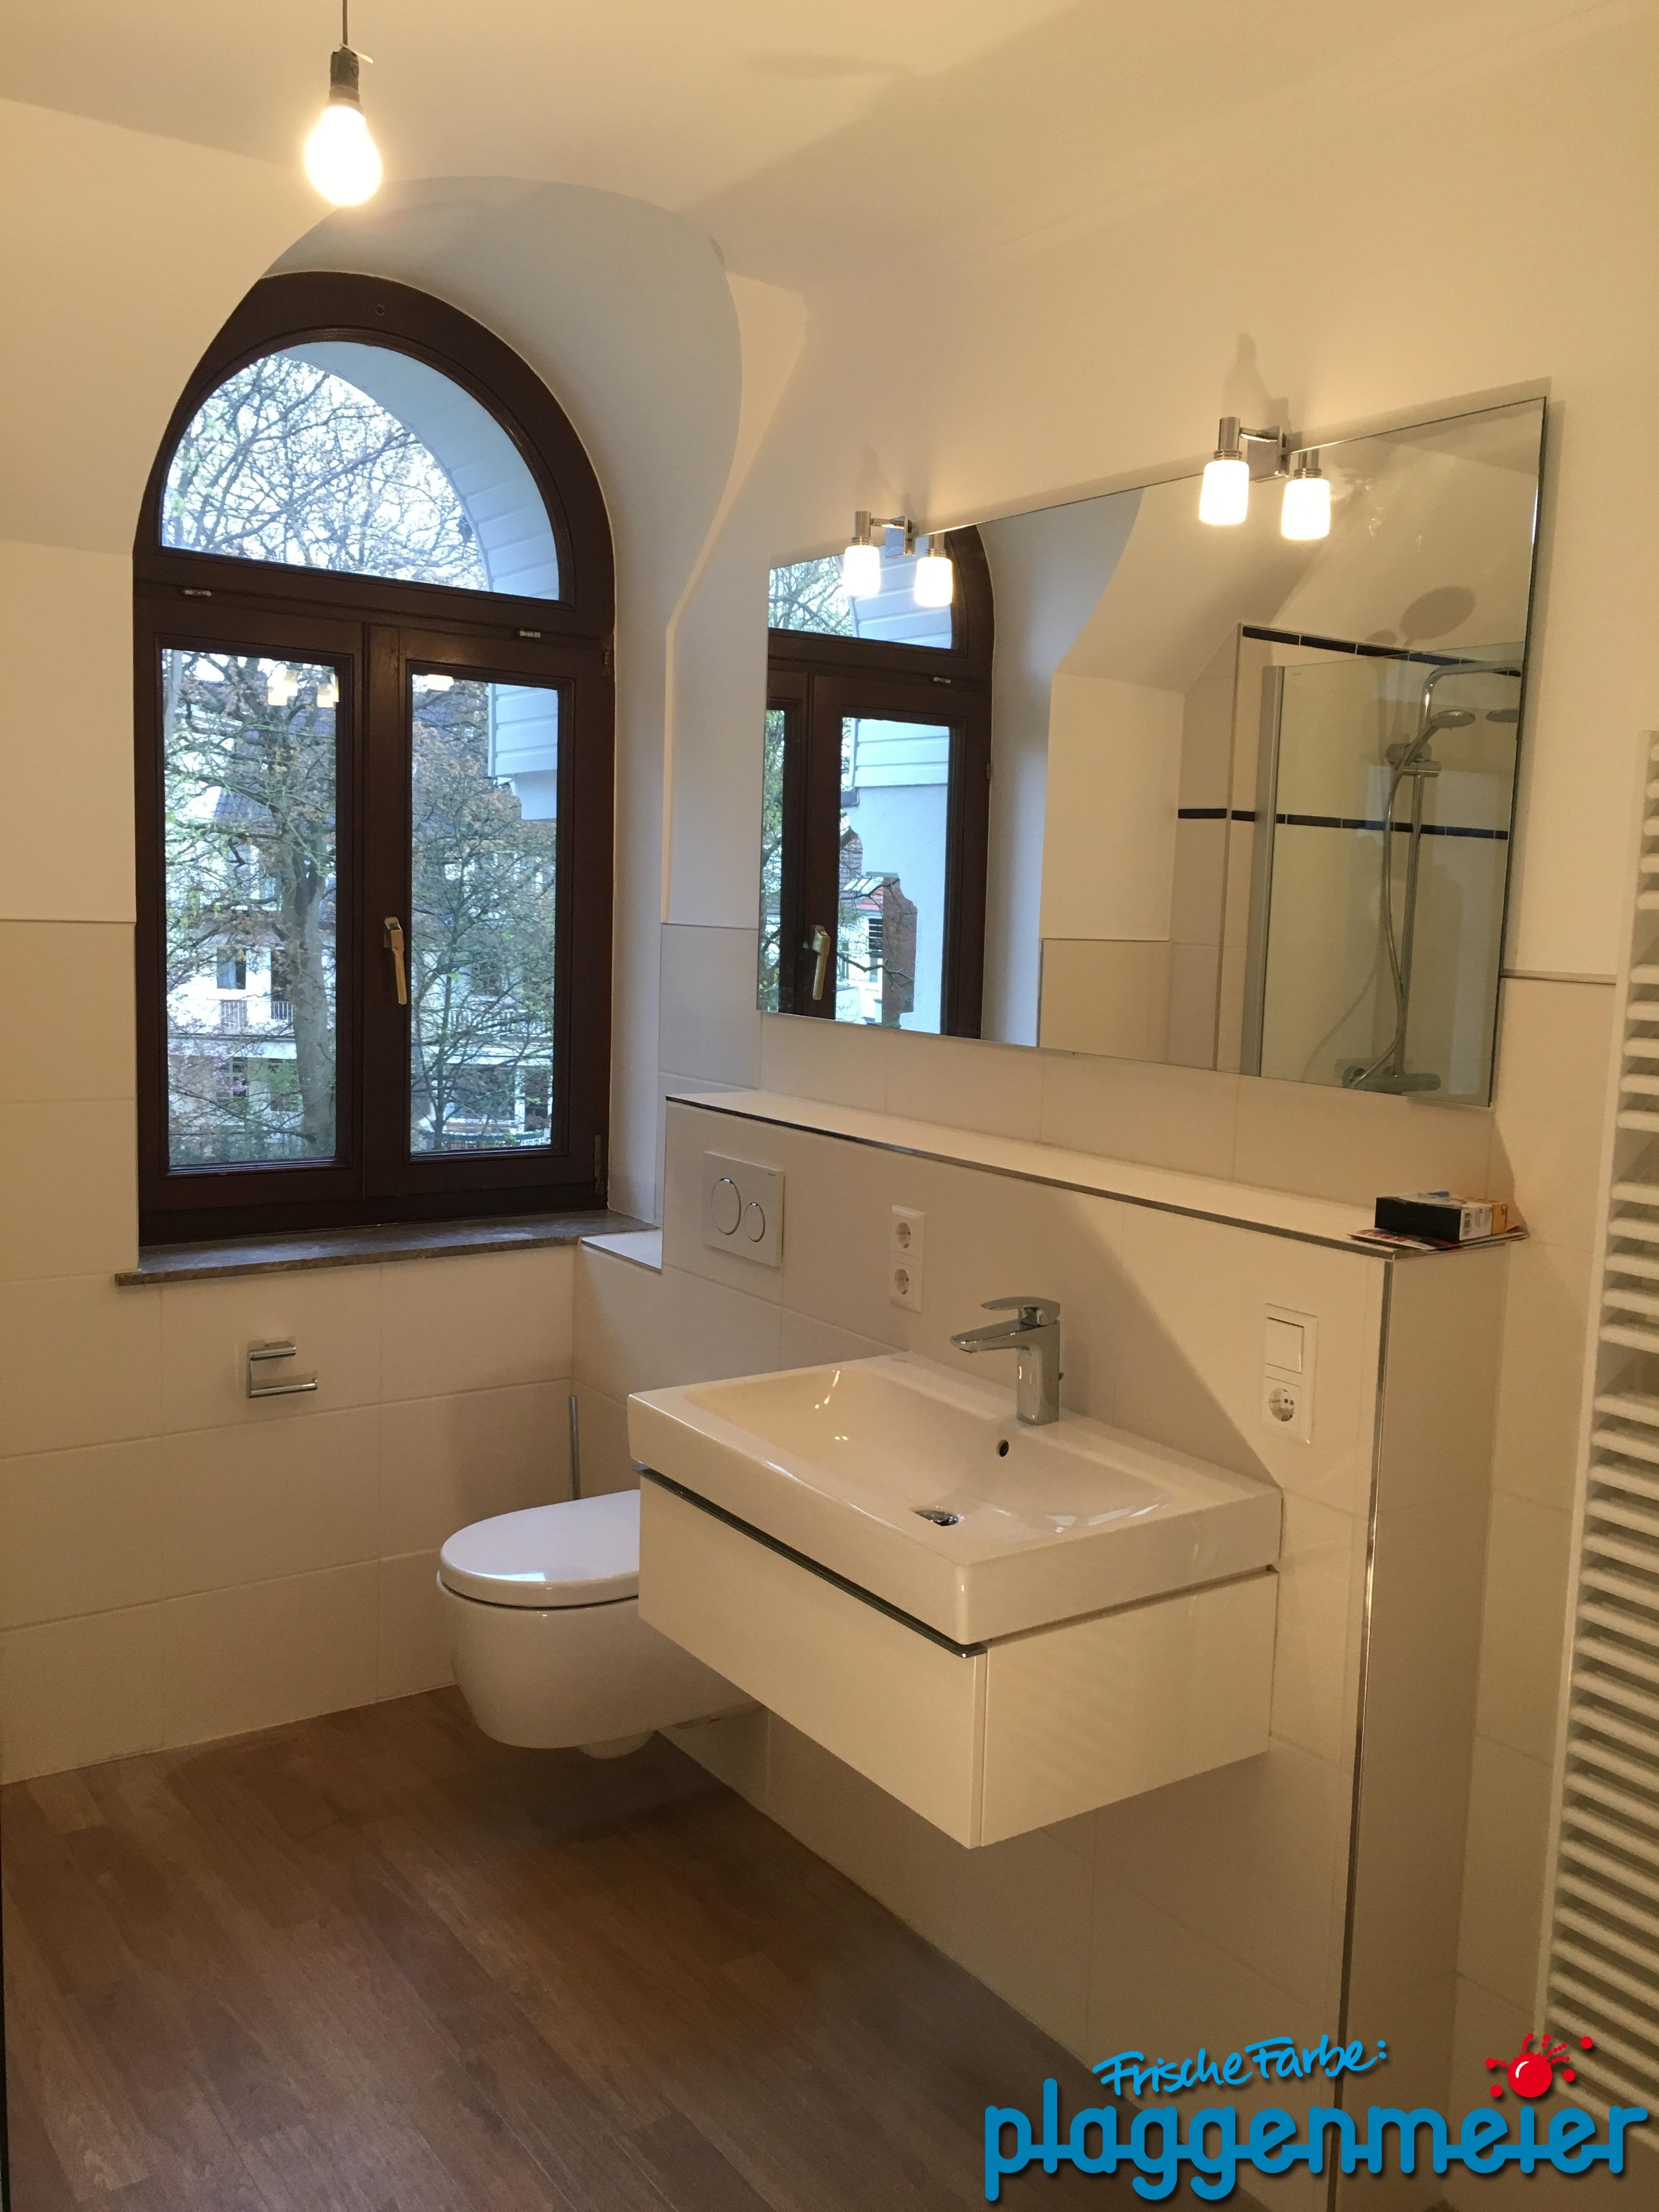 wohnraum badezimmer luxus heisst auch nutzrume als wohnrume zu begreifen - Luxus Hausrenovierung Installieren Perfekte Beleuchtung